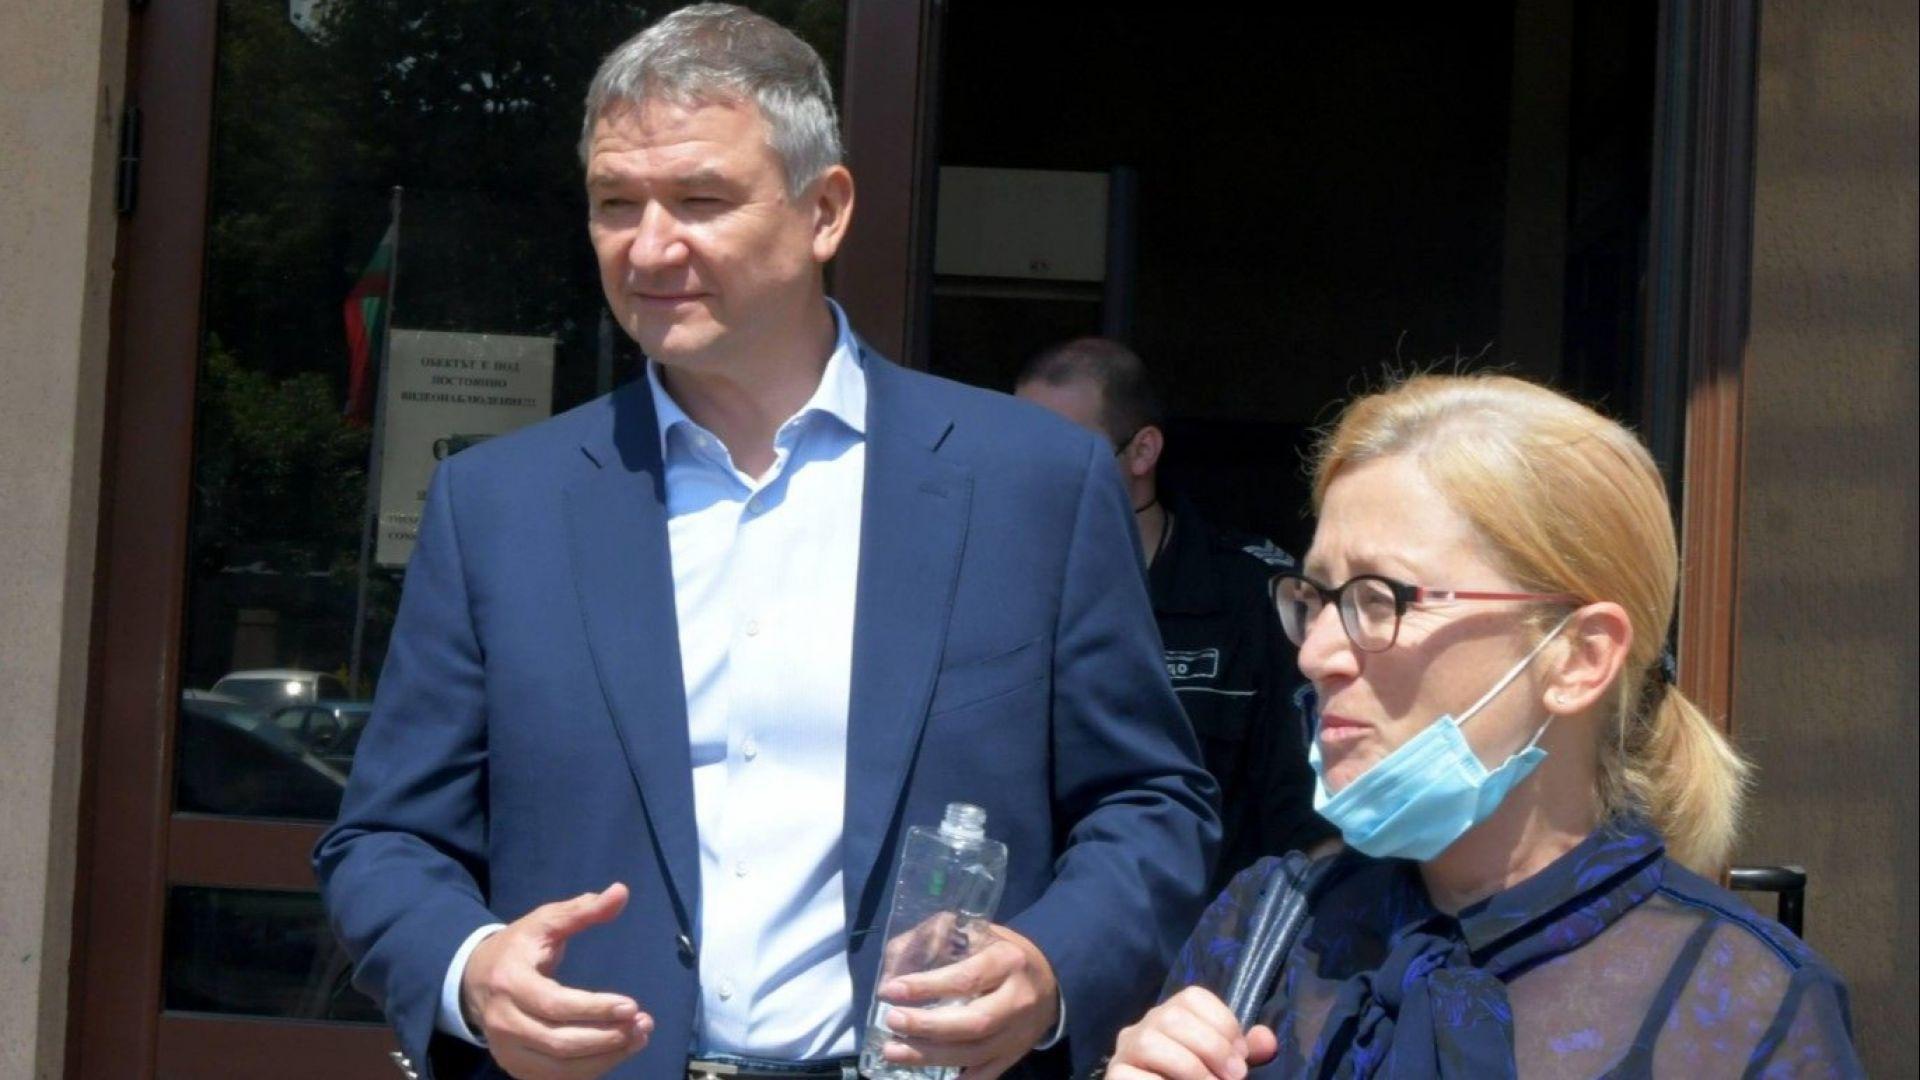 Пламен Бобоков след разпит: Благодаря на г-н Борисов, че каза, че съм почтен човек